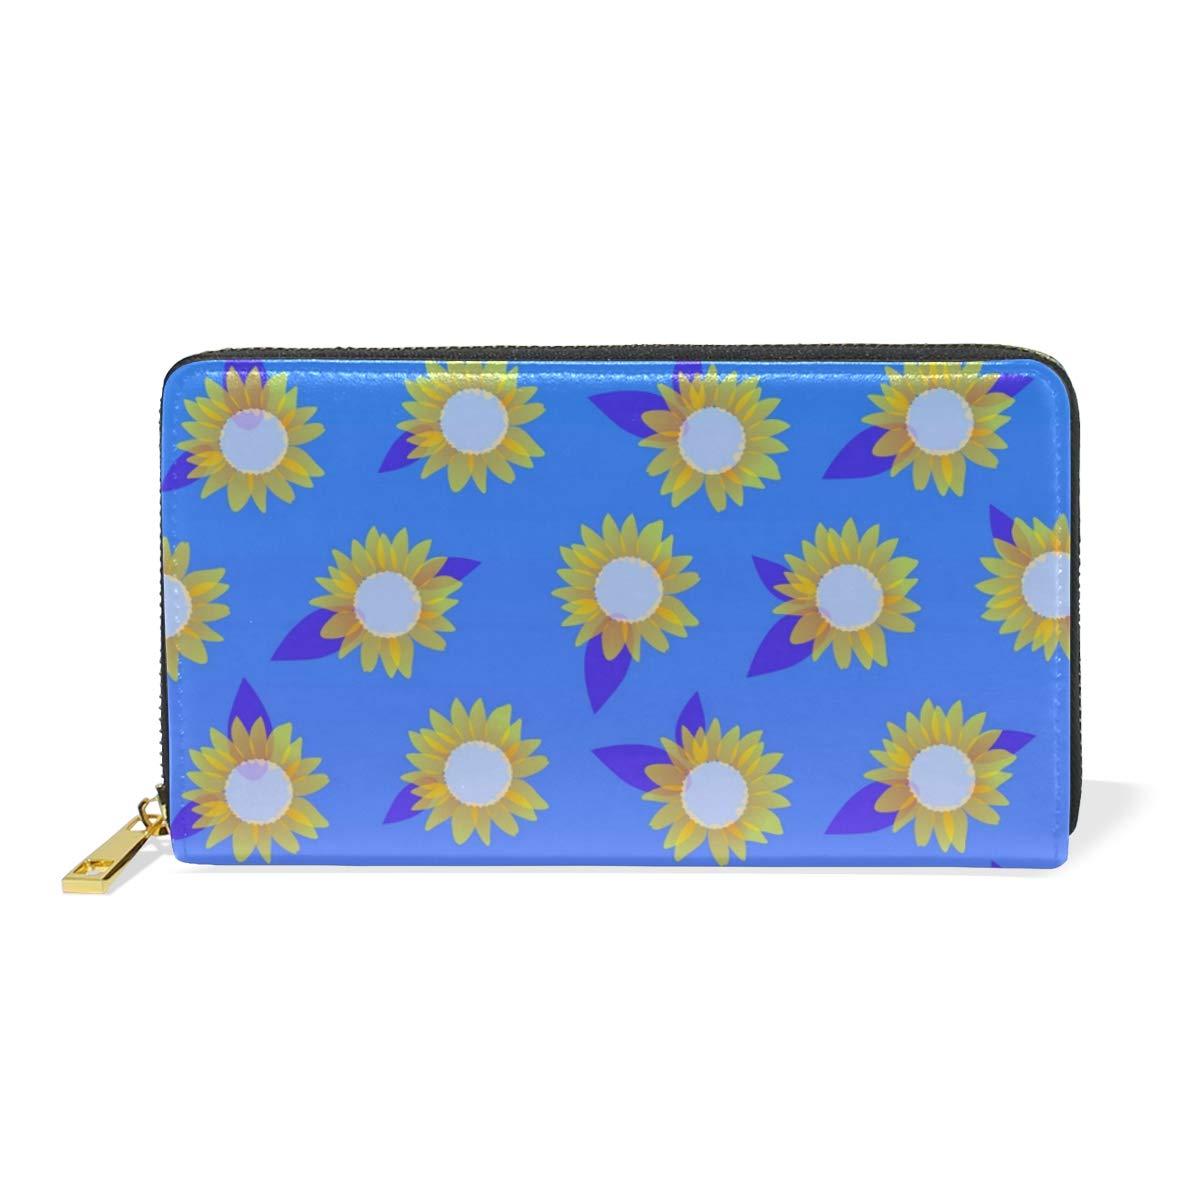 Women Genuine Leather Wallet bluee Sunflowers Zipper Purse Girl Phone Clutch